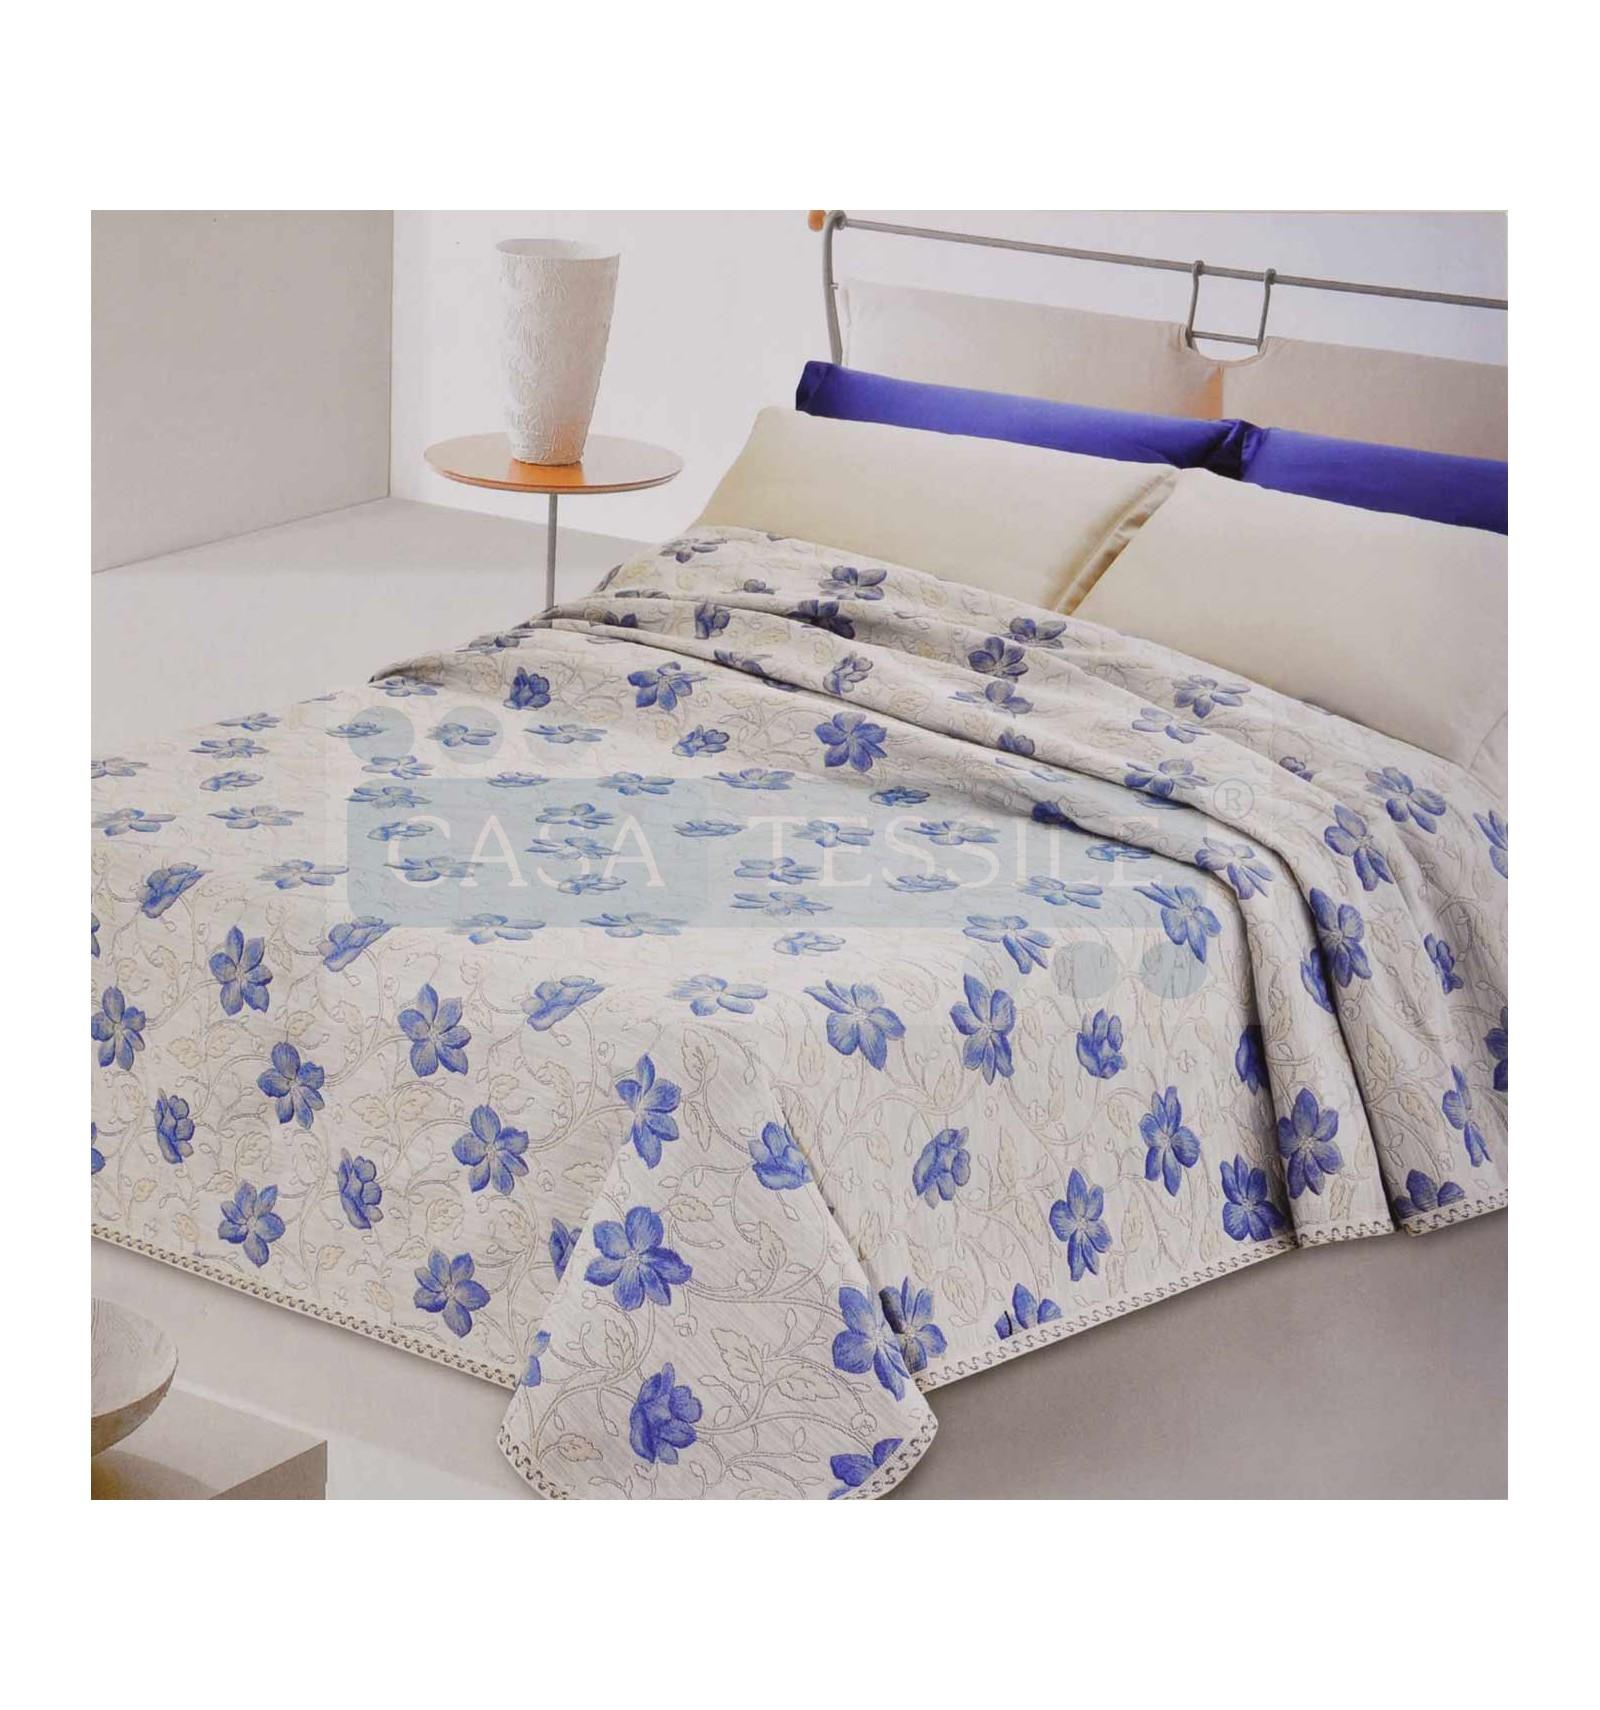 Coral copriletto singolo cm 180x275 casa tessile - Copriletto singolo ...